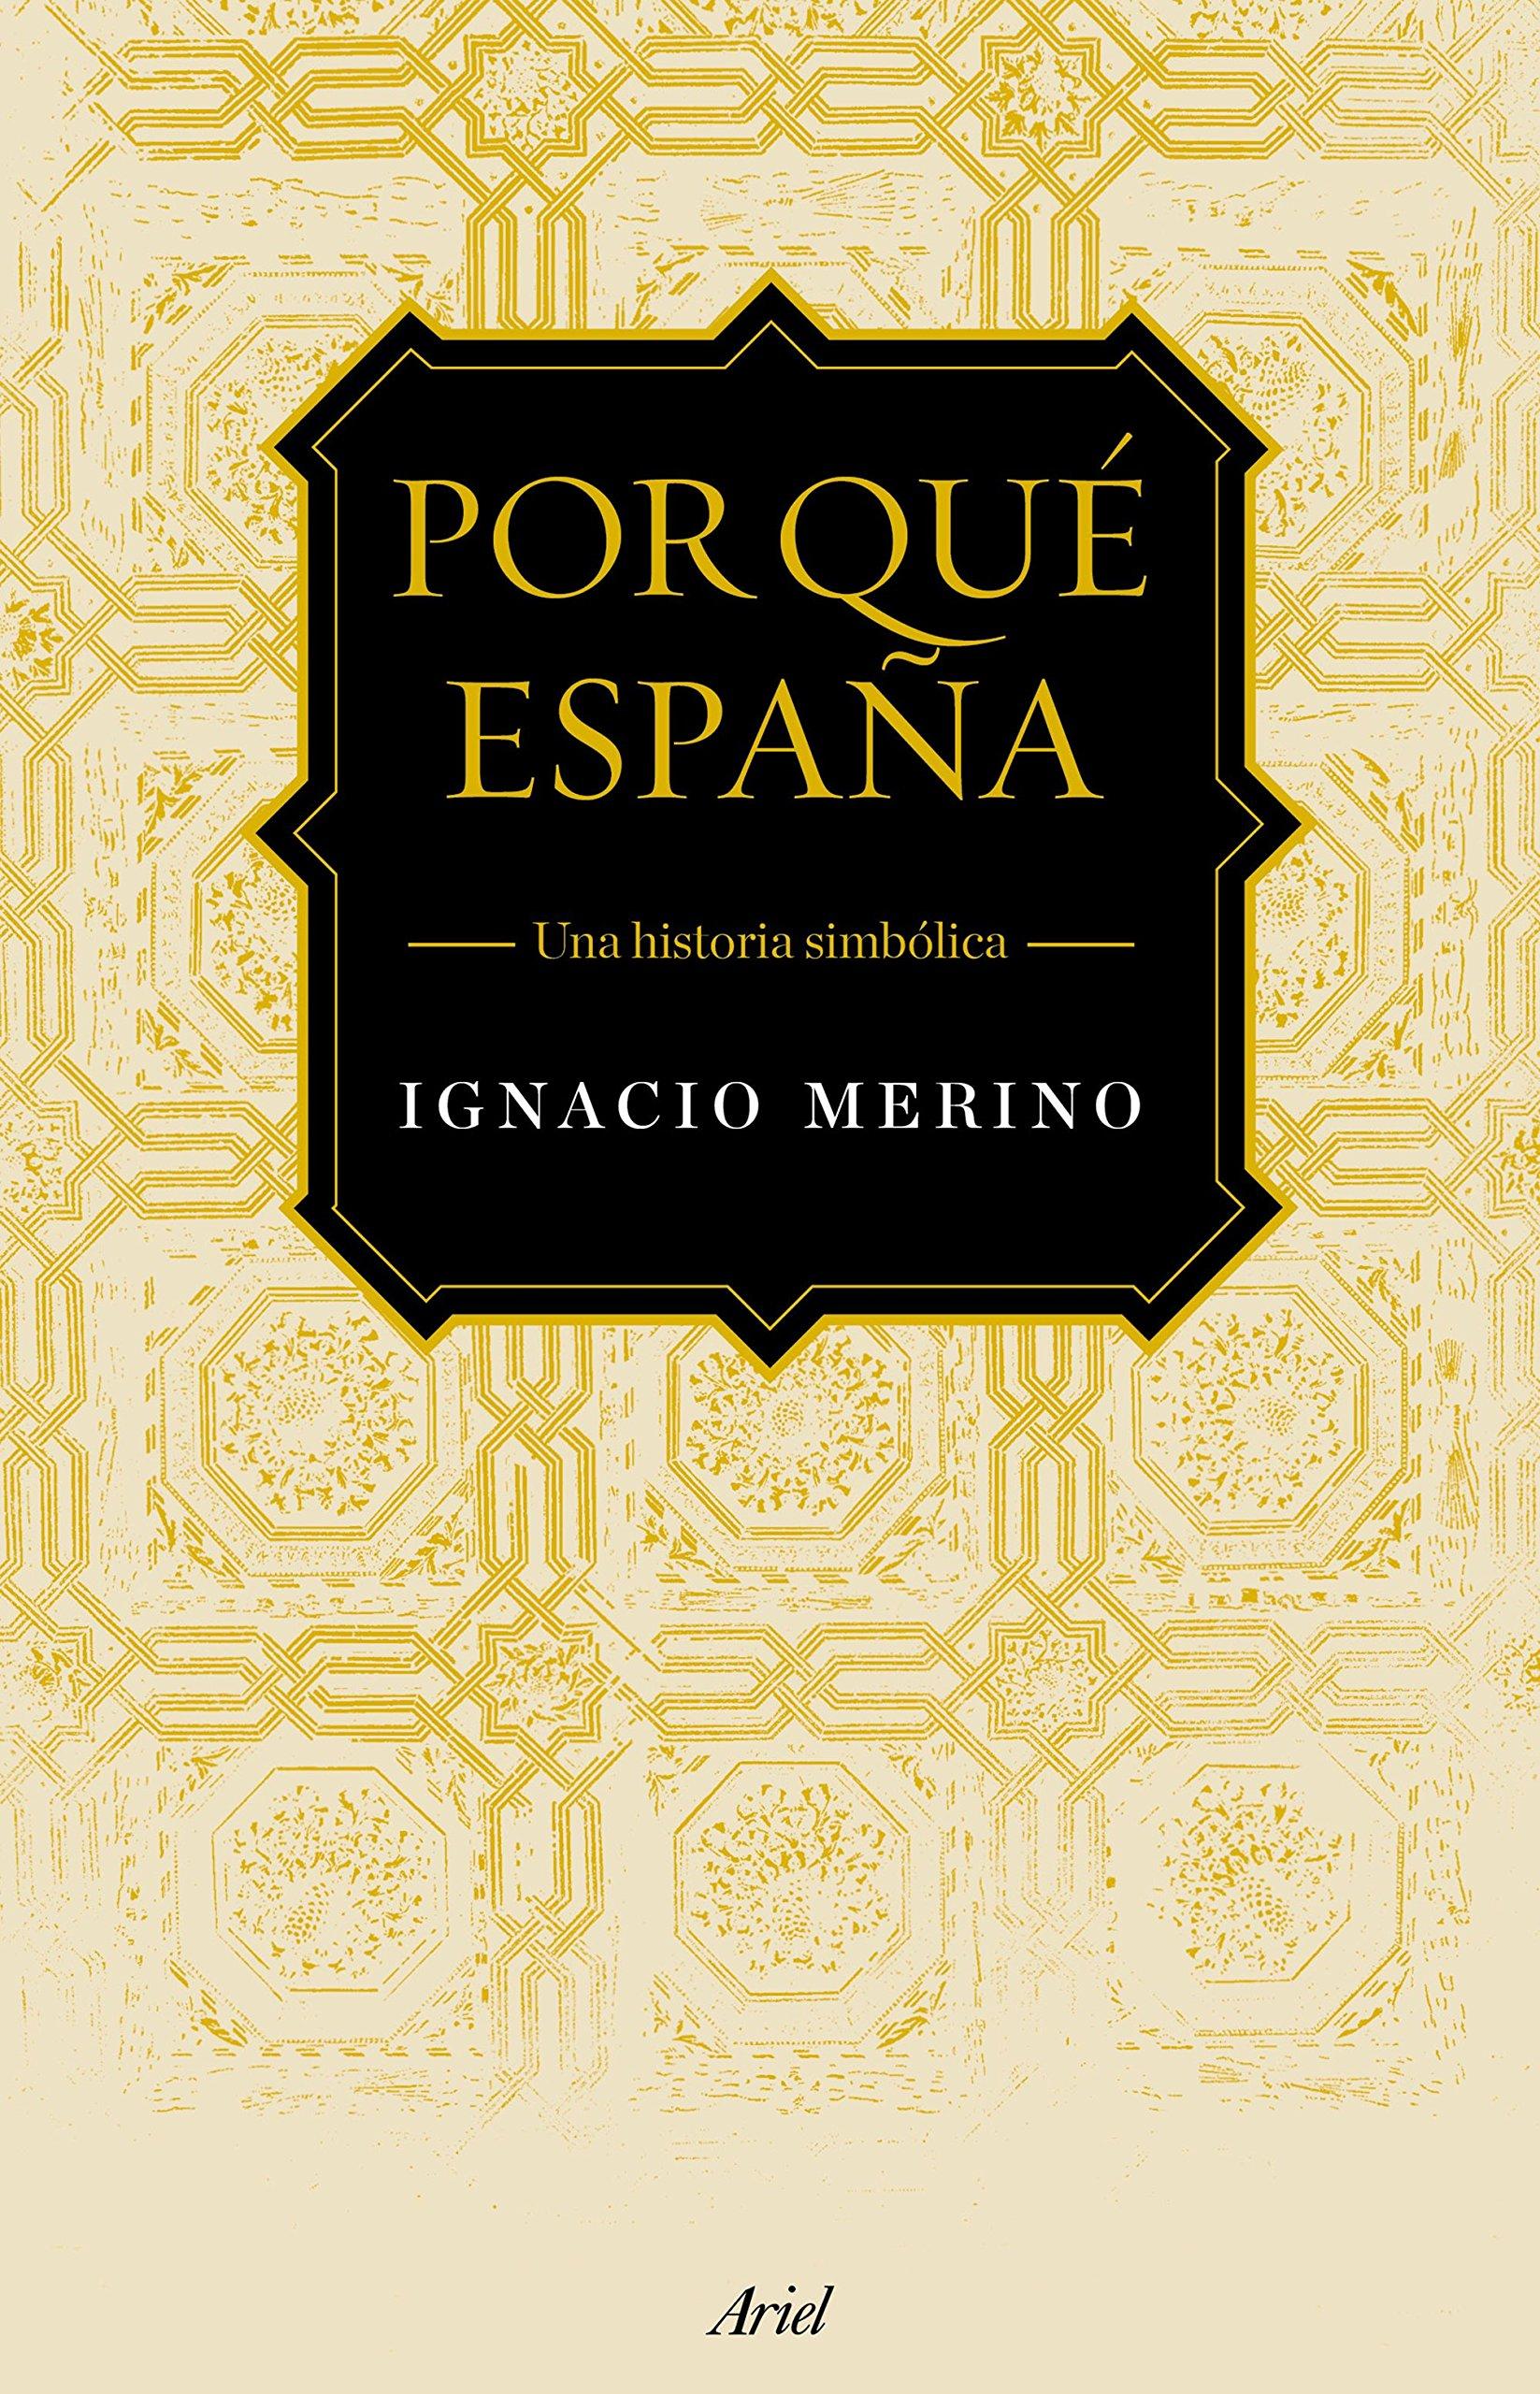 Por qué España: Una visión simbólica de la Historia Ariel: Amazon.es: Merino Bobillo, Ignacio: Libros